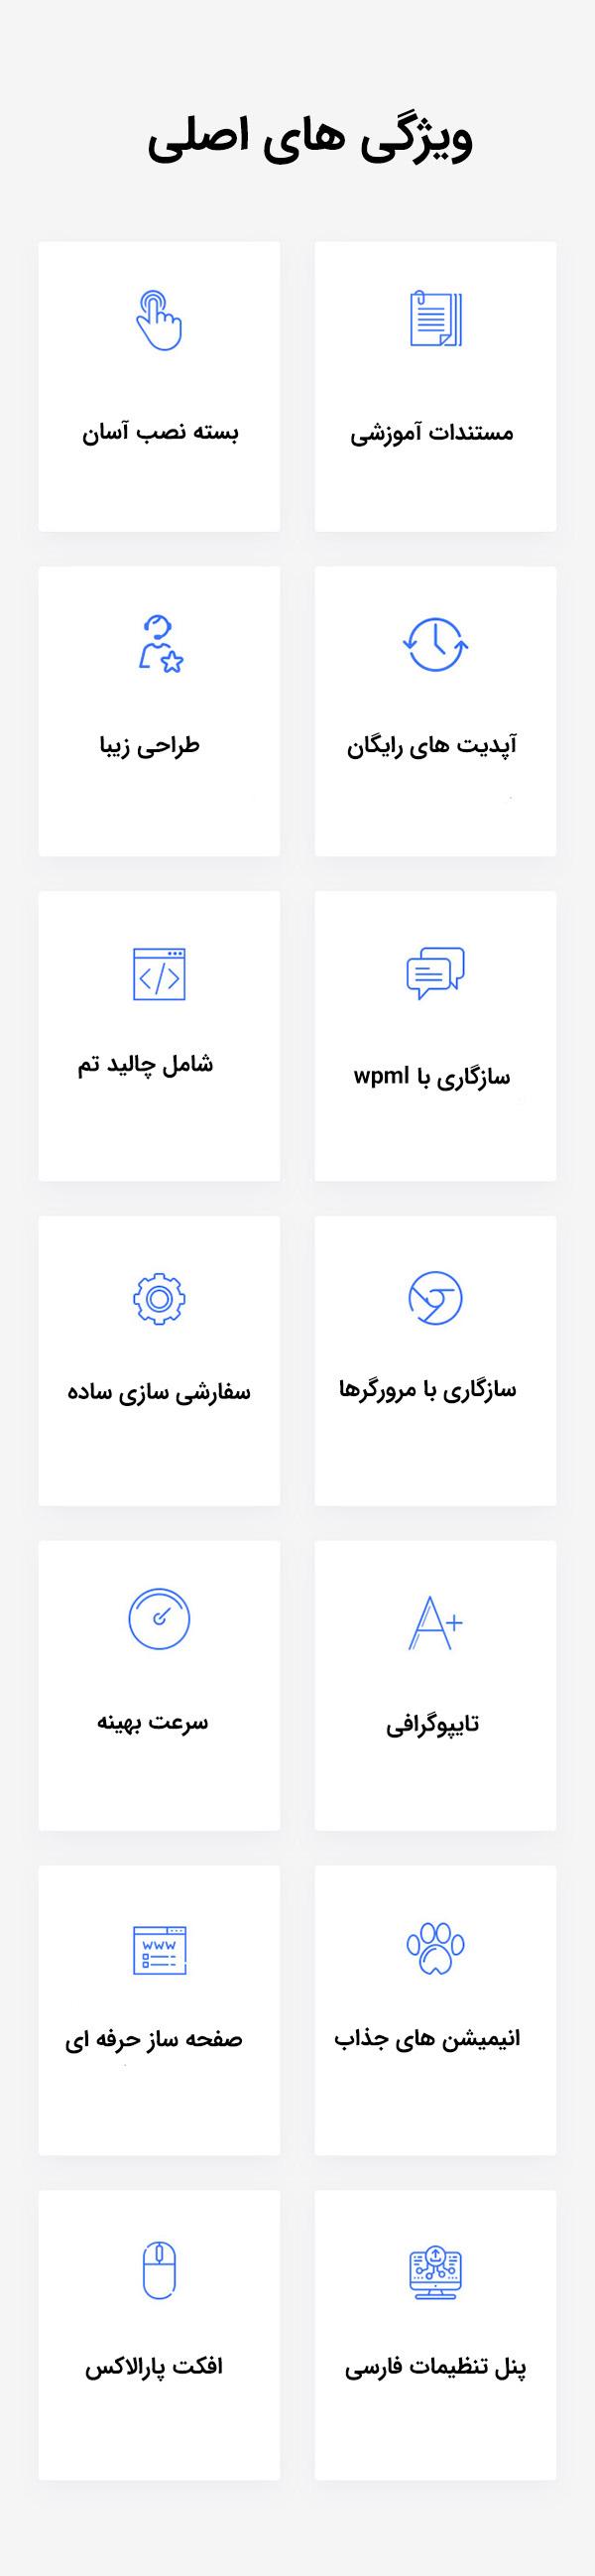 قالب وردپرس حرفه ای خلاقانه App Art